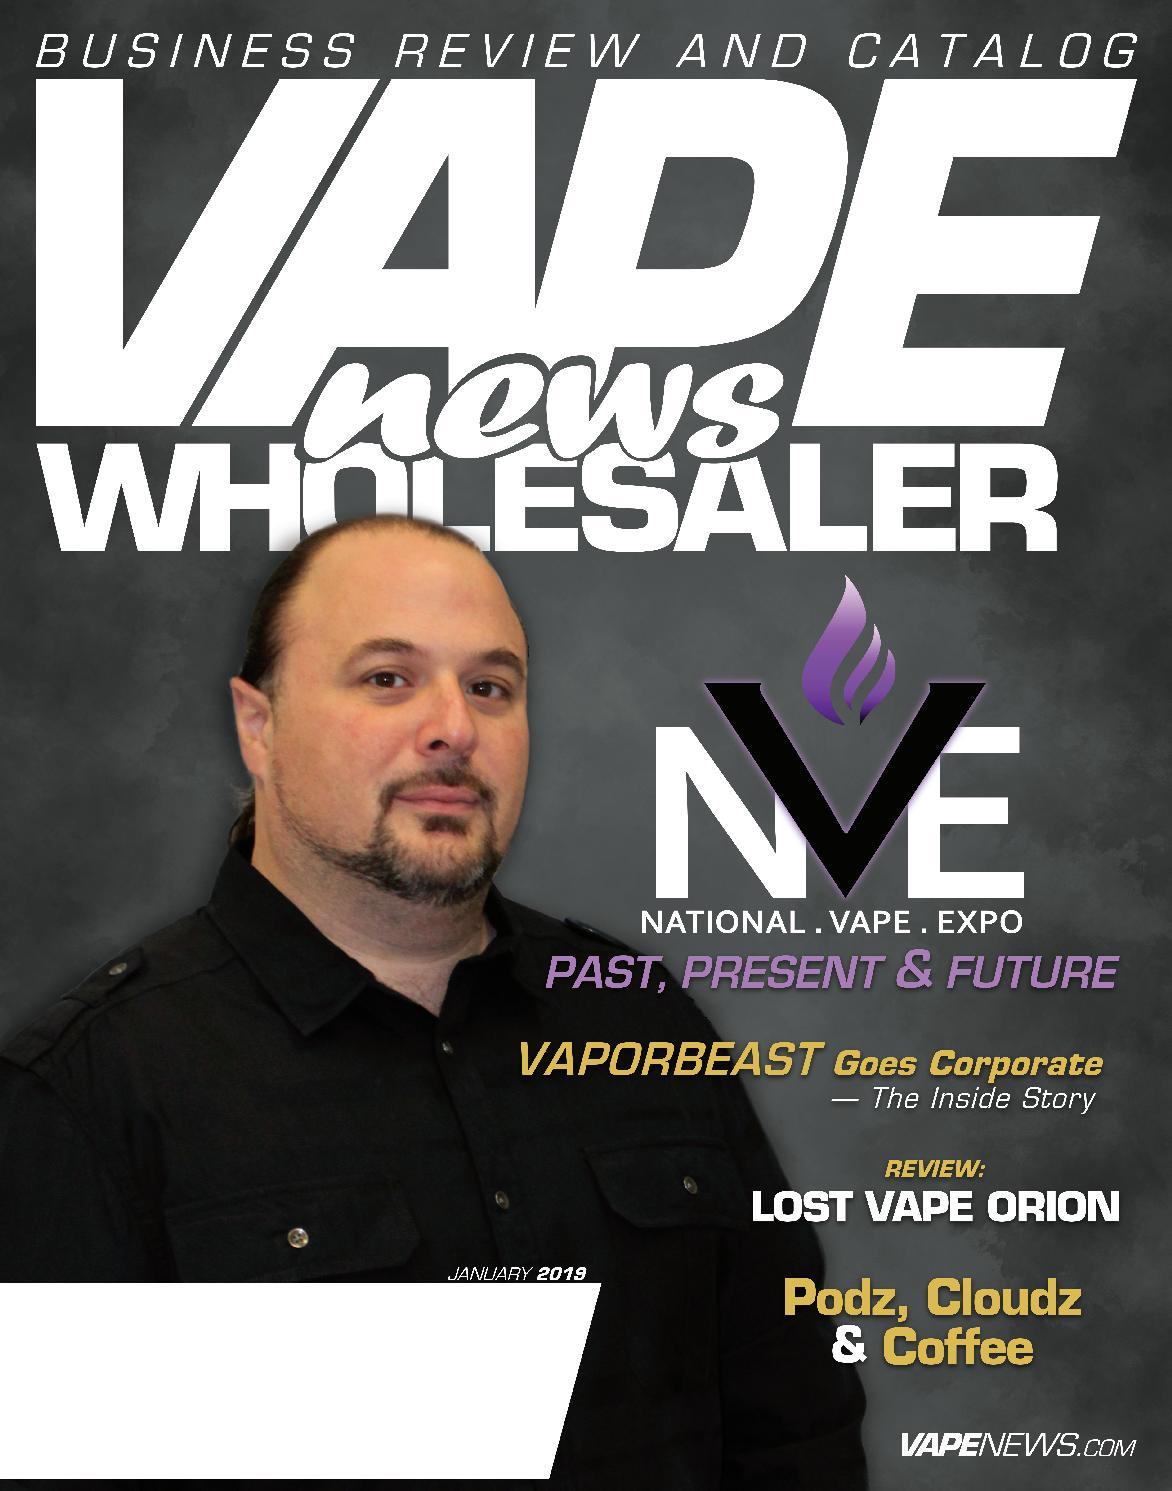 VAPE News Wholesaler by Matt Schramel - issuu